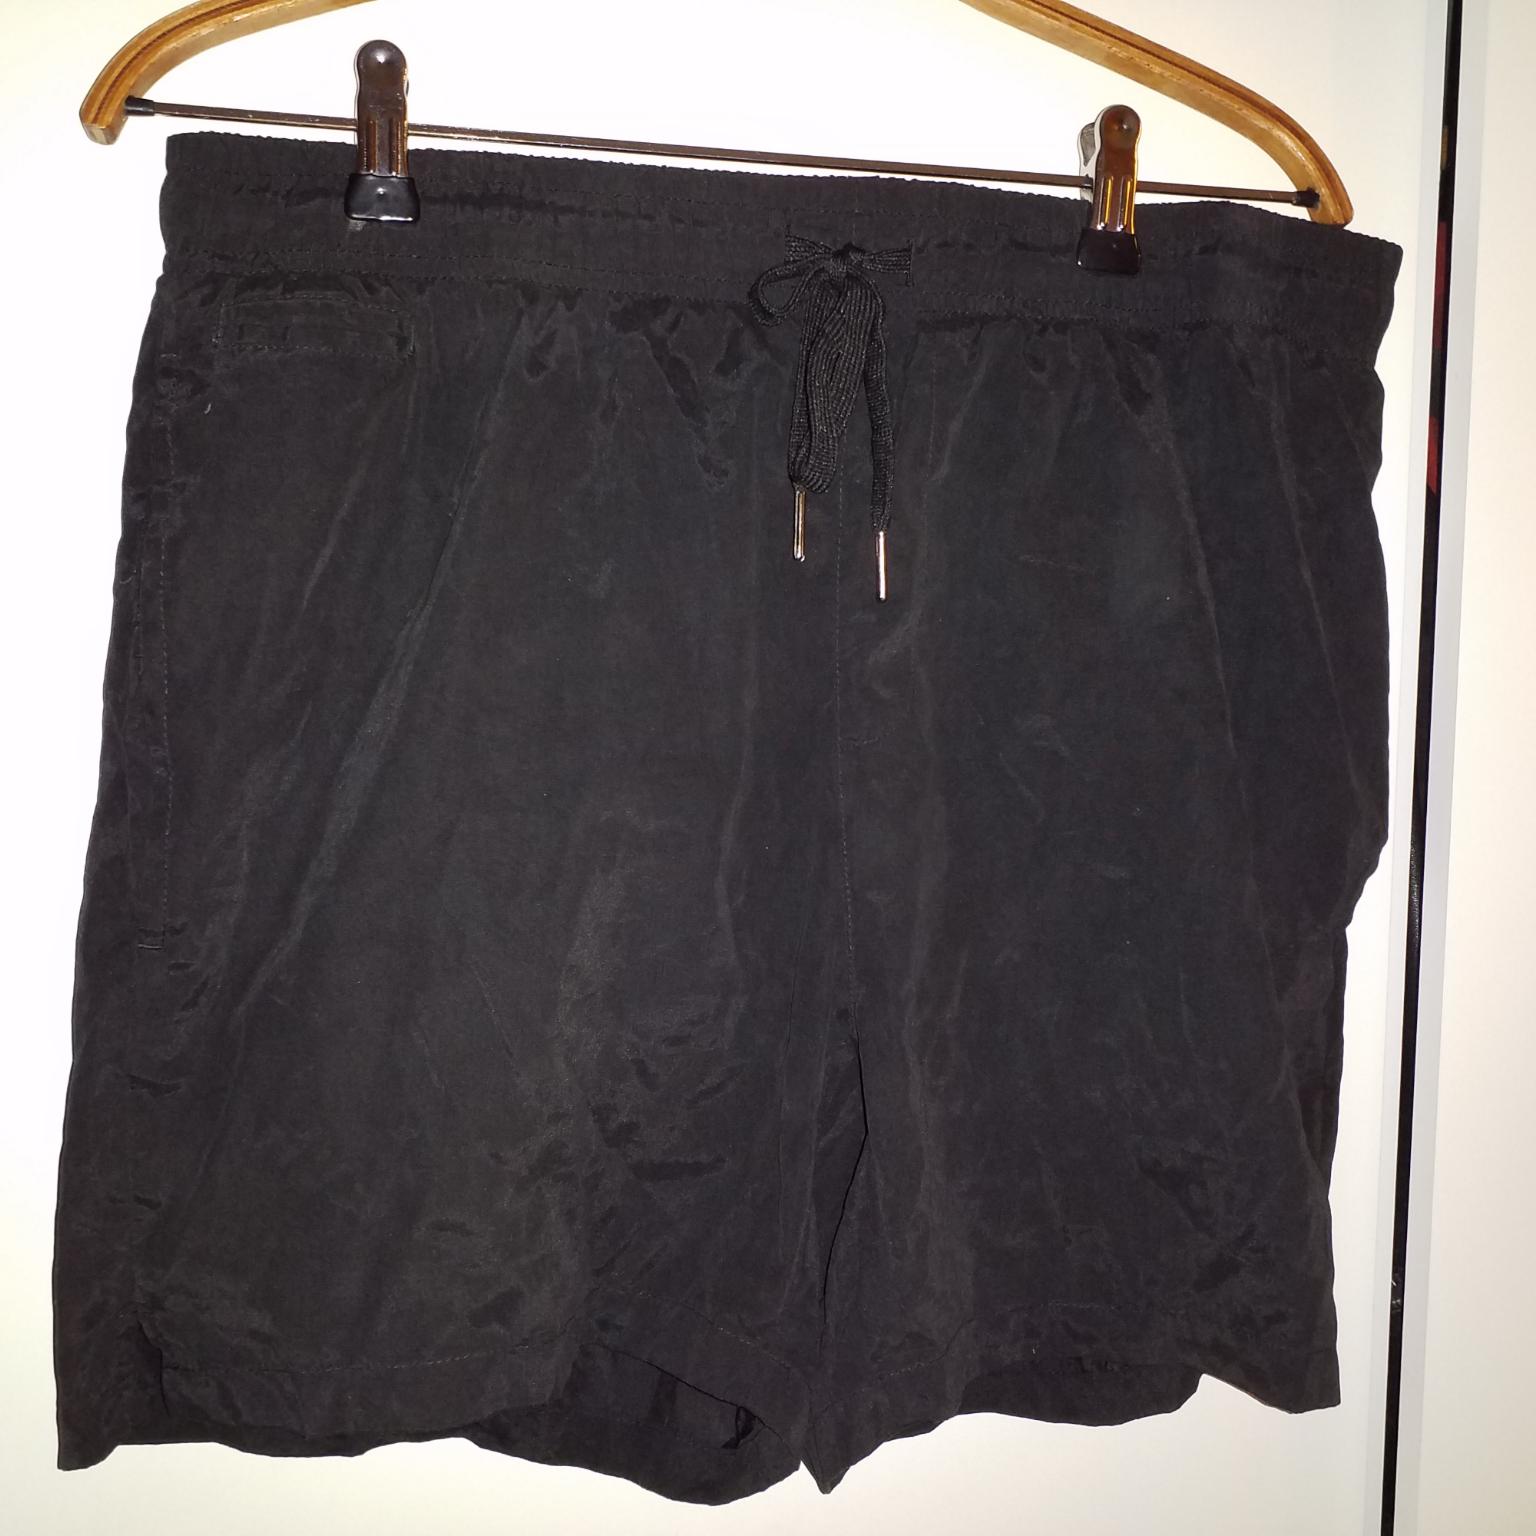 Sköna luftiga löparshorts med fickor och snörning. Shorts.